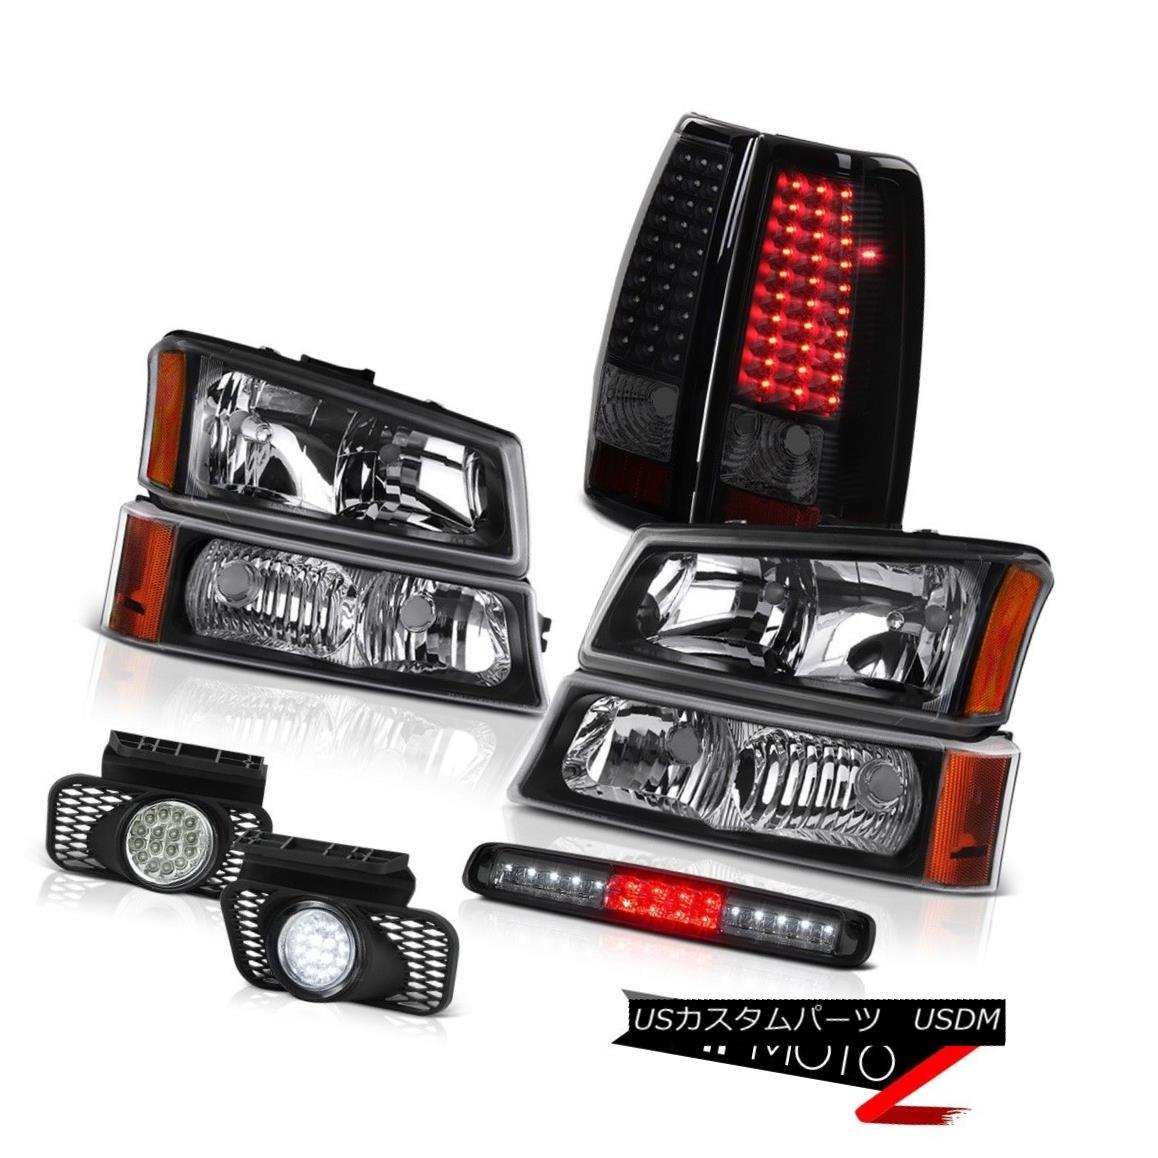 テールライト 03 04 05 06 Silverado Inky Black Headlamps High Stop Lamp Foglights Taillights 03 04 05 06シルバラードインキブラックヘッドランプハイストップランプフォグライトテールライト